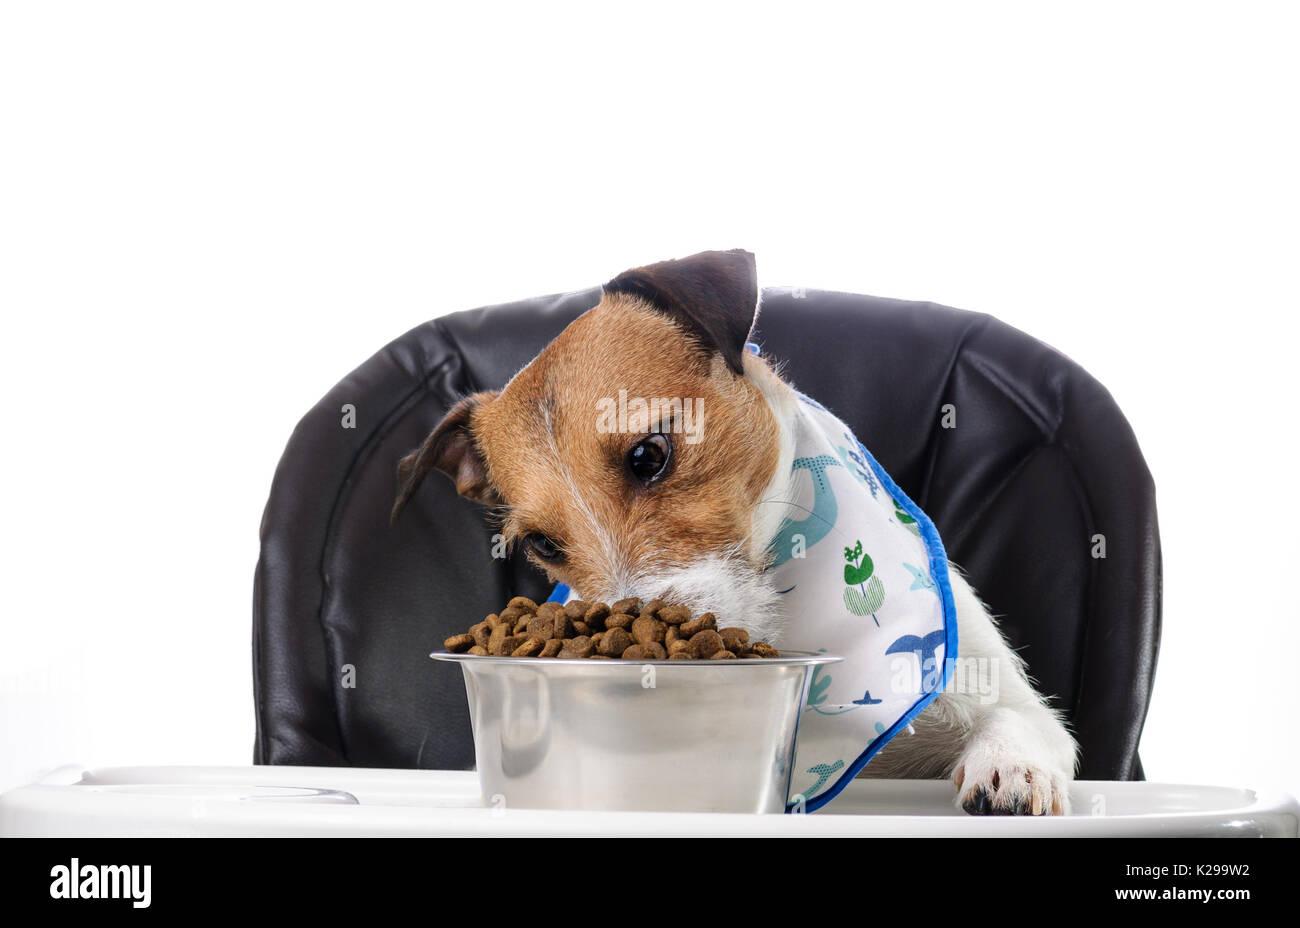 Man Eats Dog Food Joke